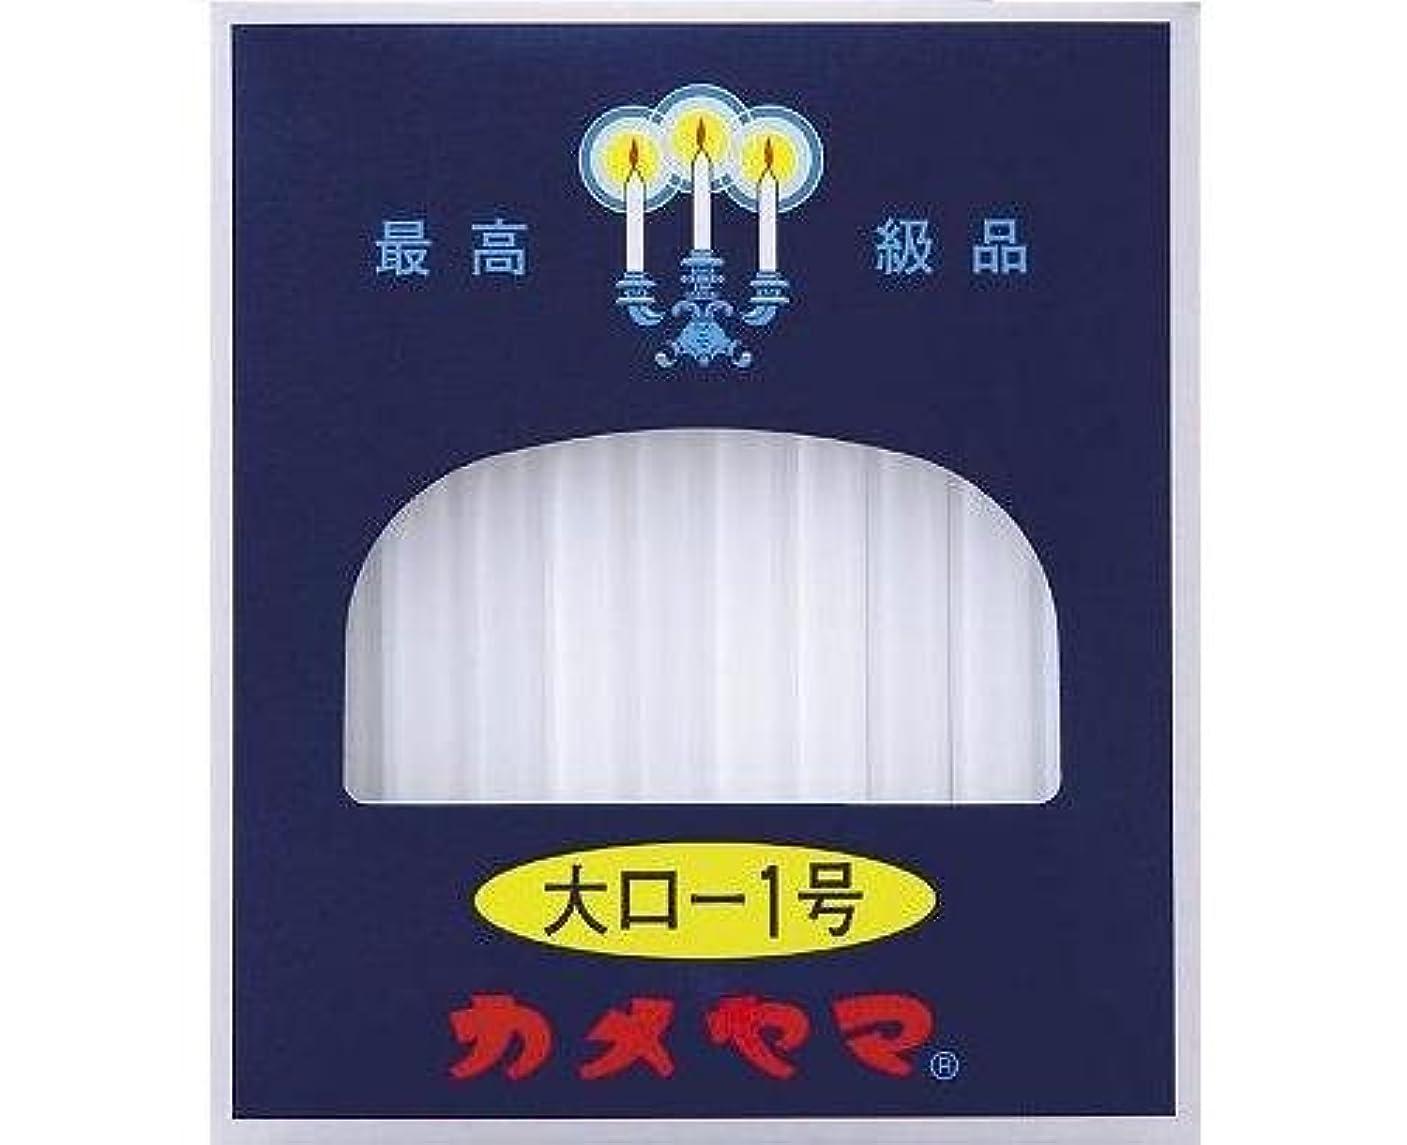 反対した痴漢秘密の大ロ-ソク<1号> 225g